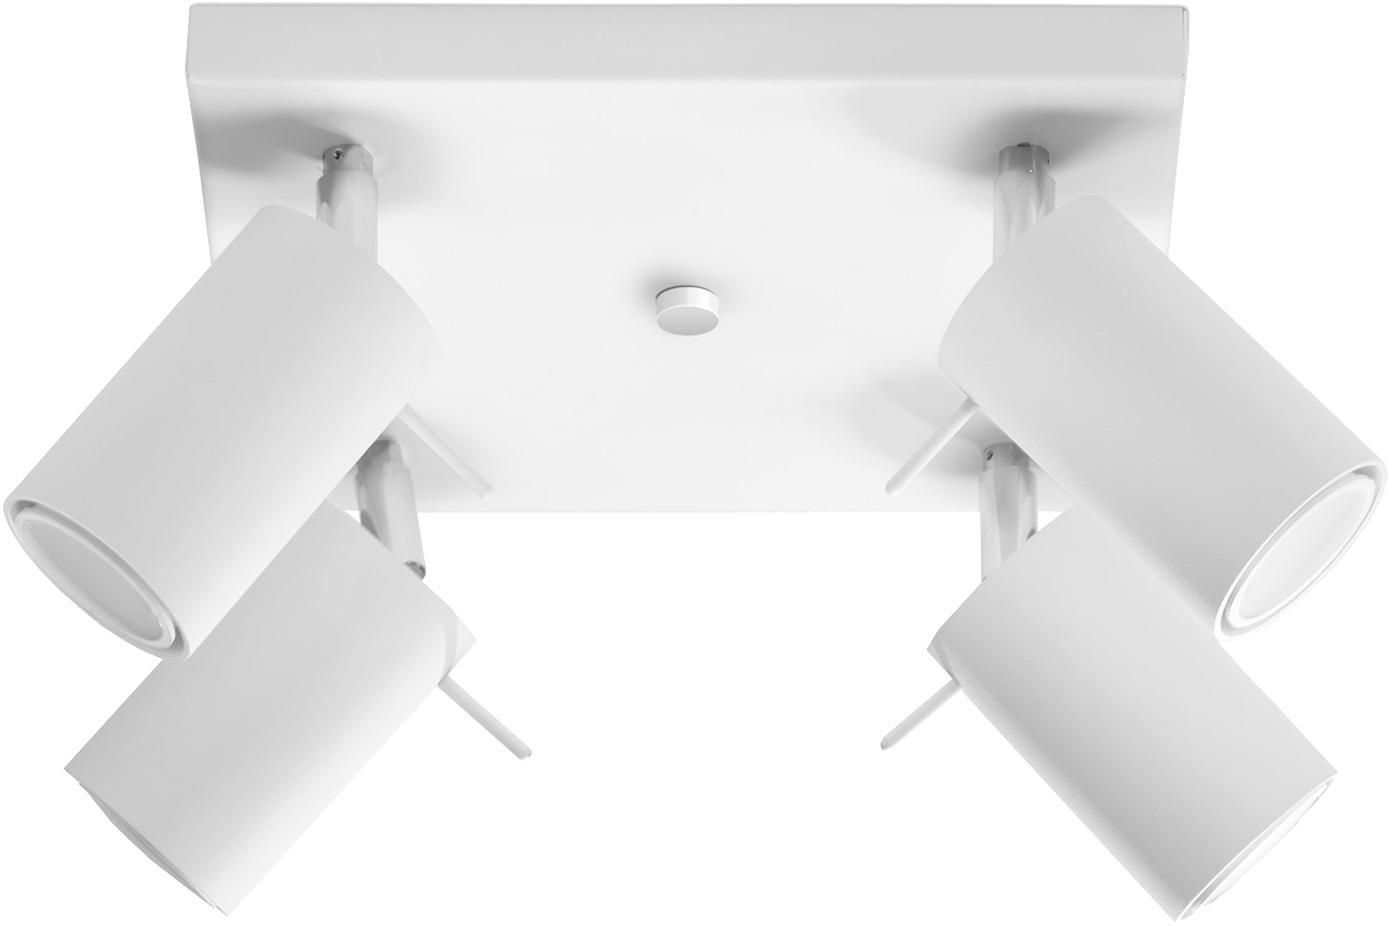 Lampa sufitowa Etna, Stal, Biały, 25 x 15 cm